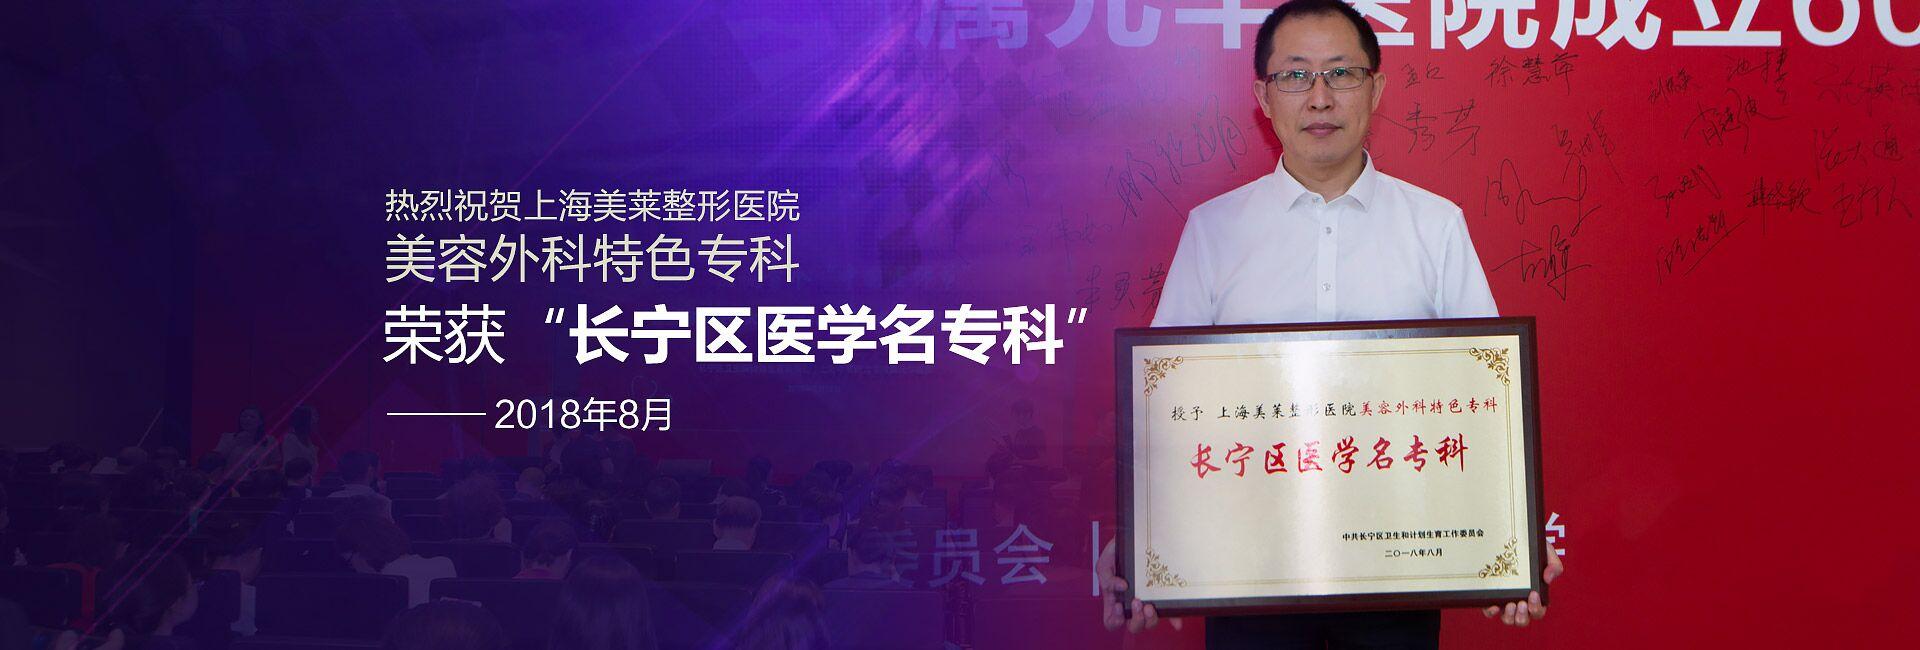 """上海美莱美容荣获""""上海长宁区整形医院专科"""""""